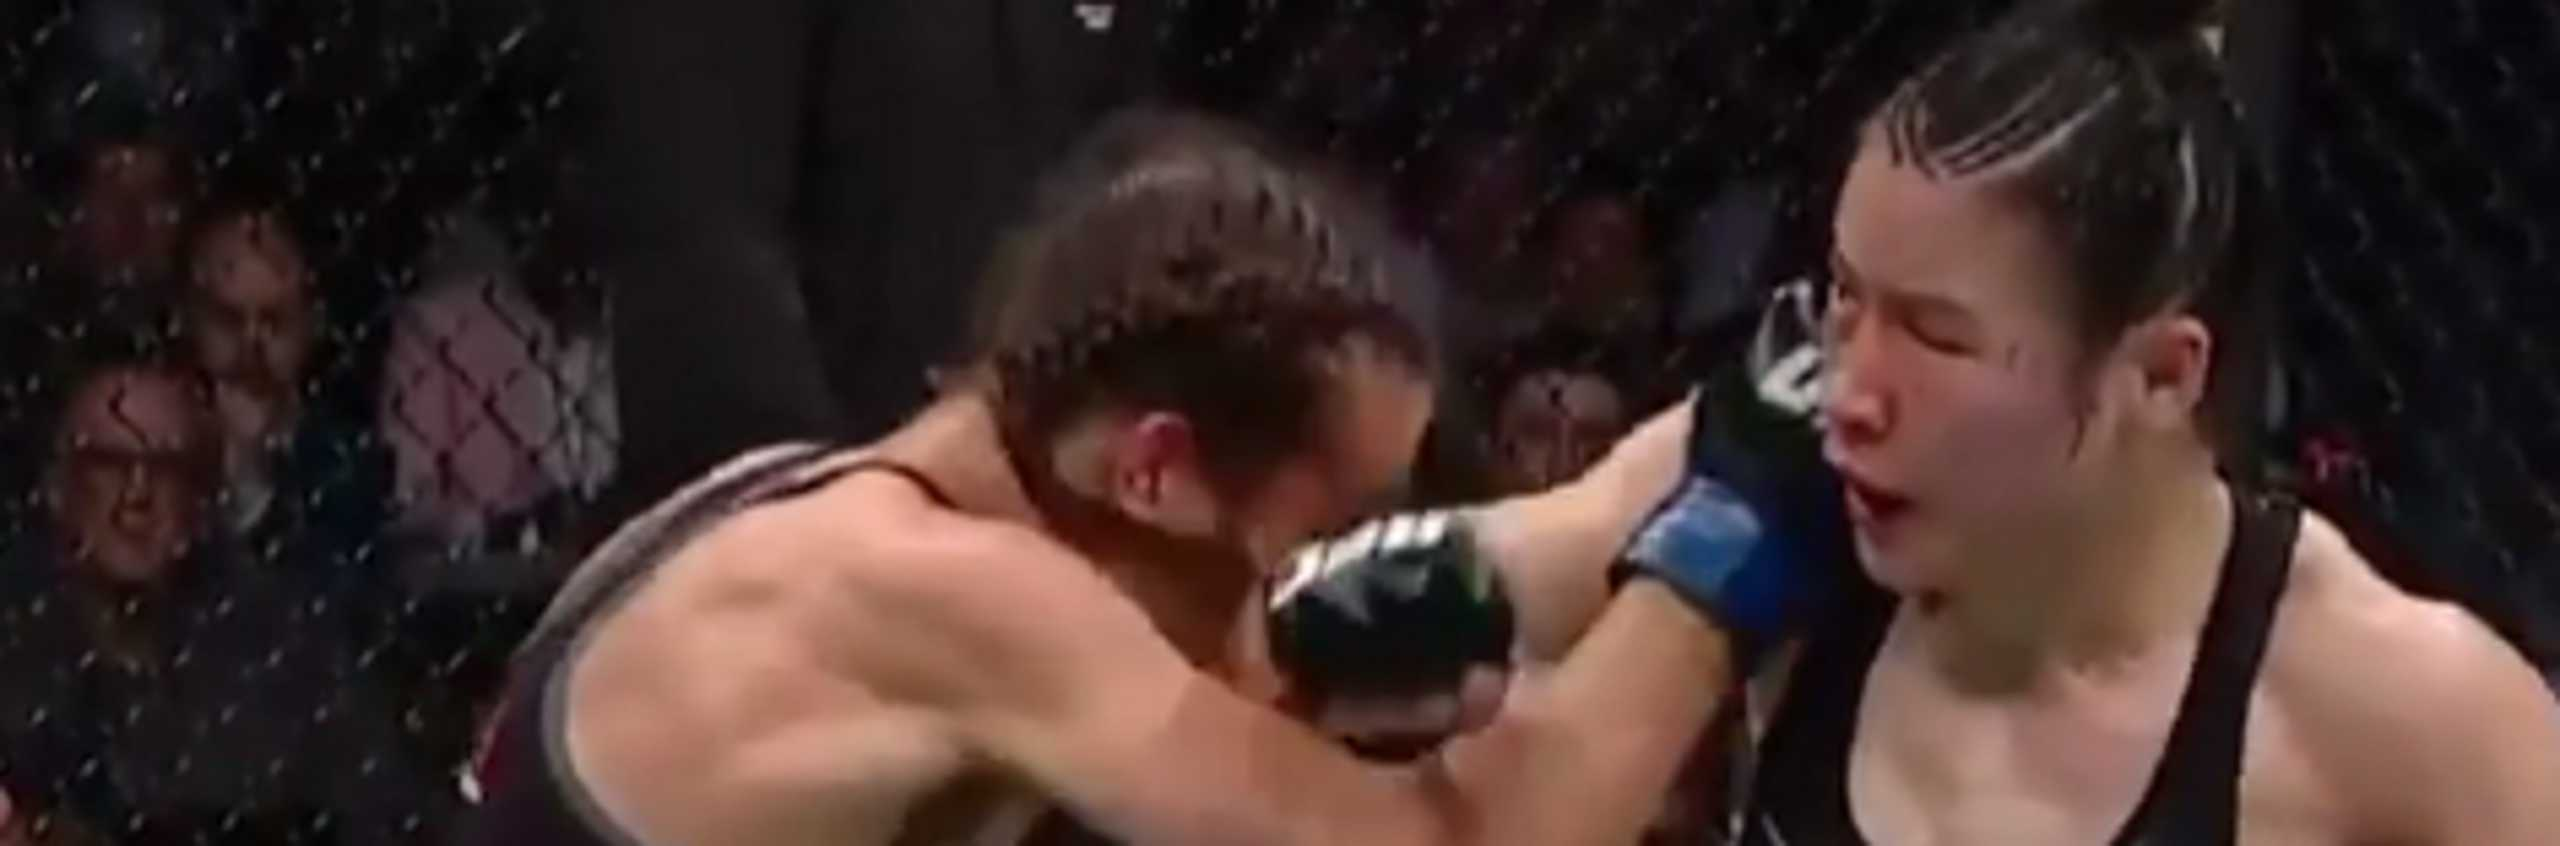 Την έκανε… αγνώριστη! Βαρβαρότητες σε γυναικείο αγώνα του UFC! (video)